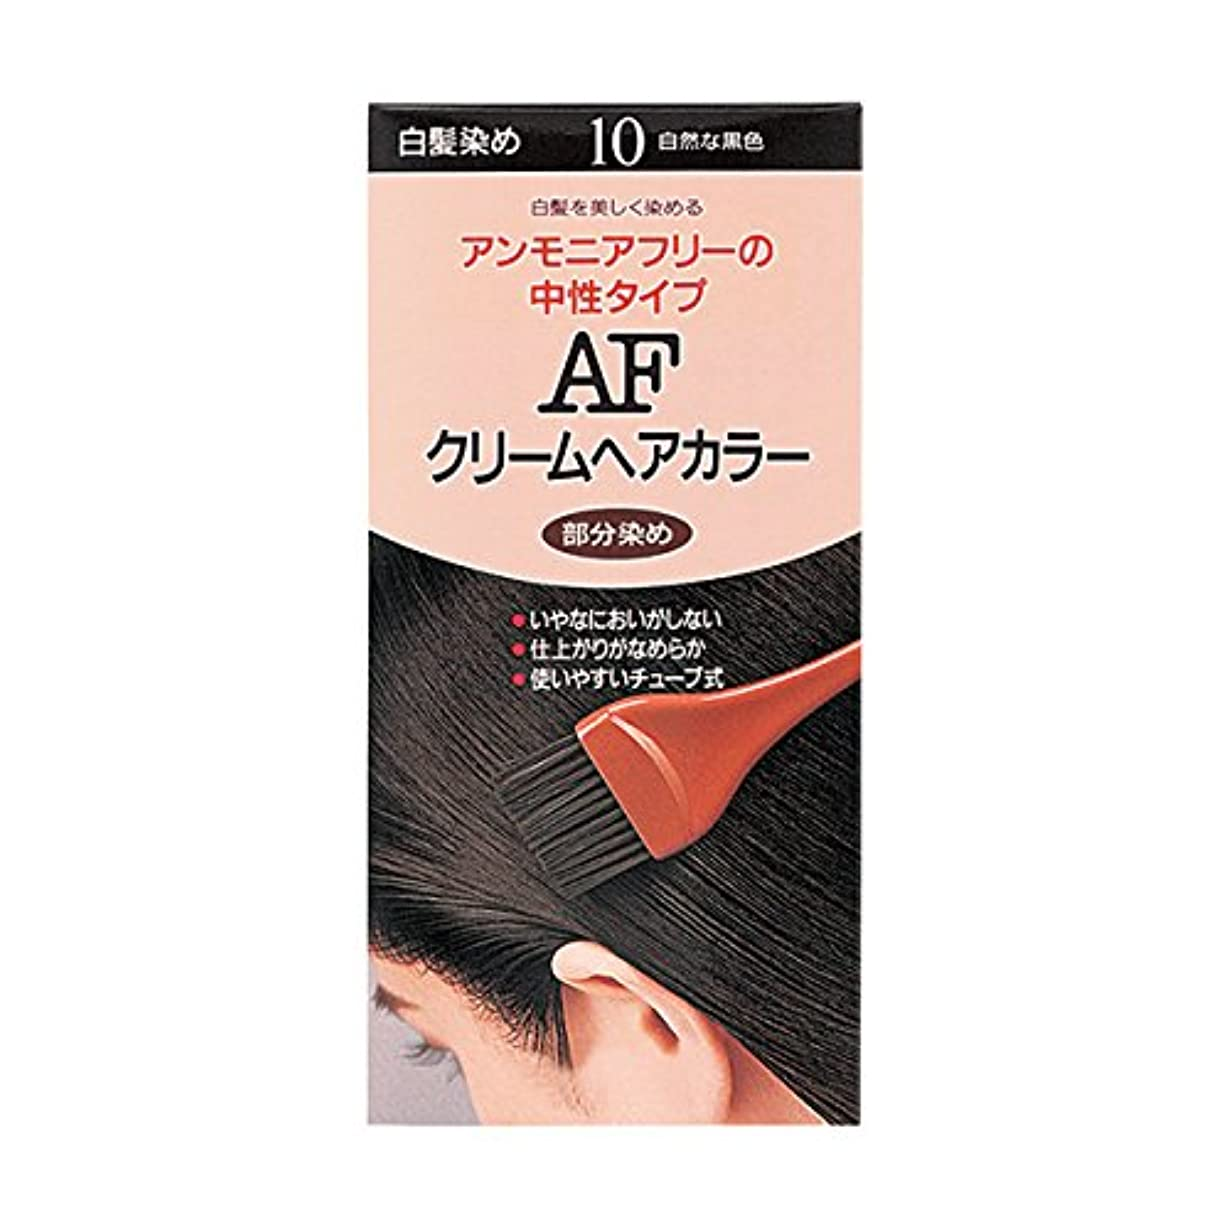 石灰岩エッセンス両方ヘアカラー AFクリームヘアカラー 10 【医薬部外品】